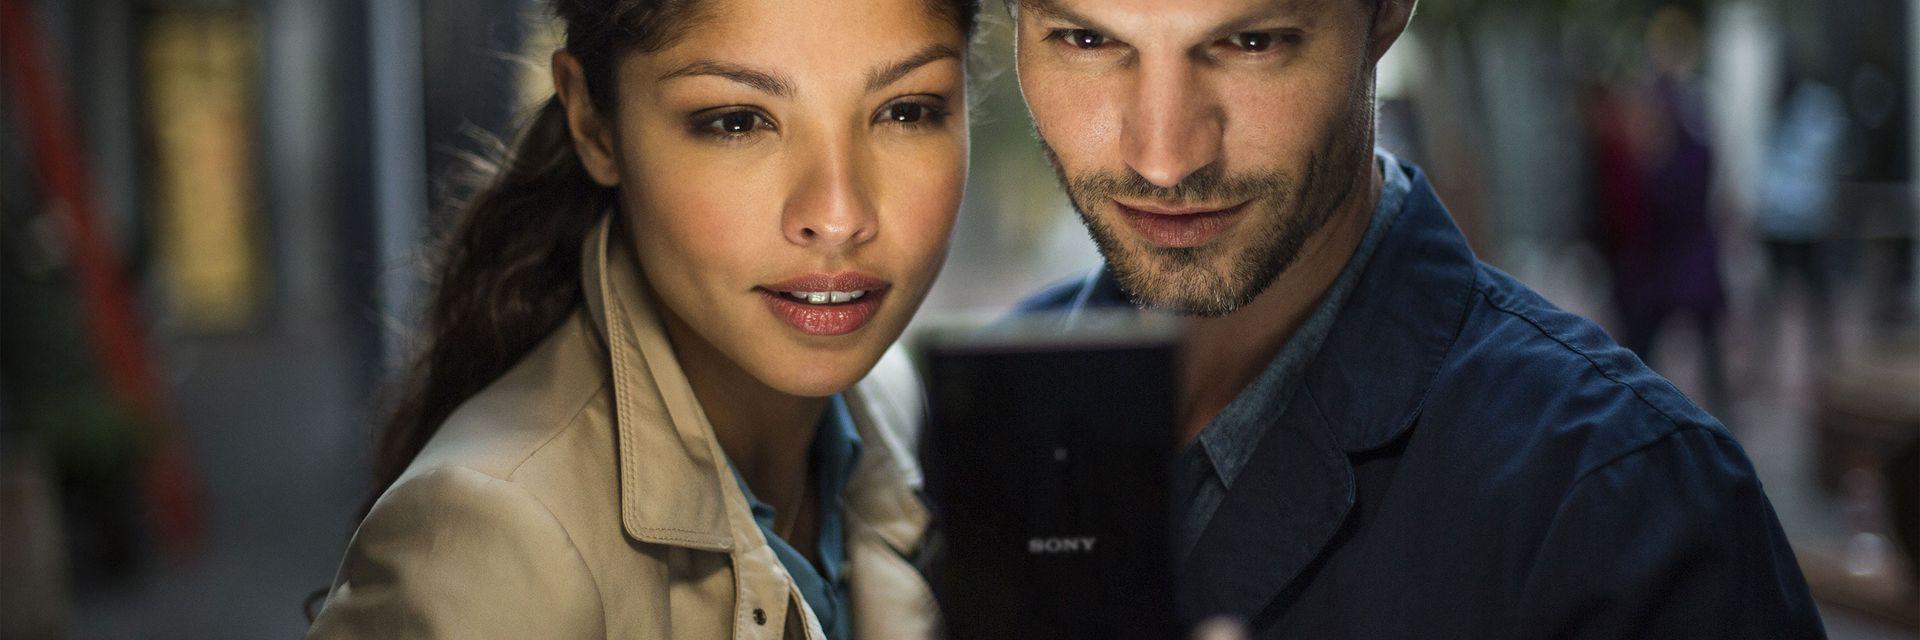 ANNONSE: Ni ting du kanskje ikke visste om Xperia Z3+